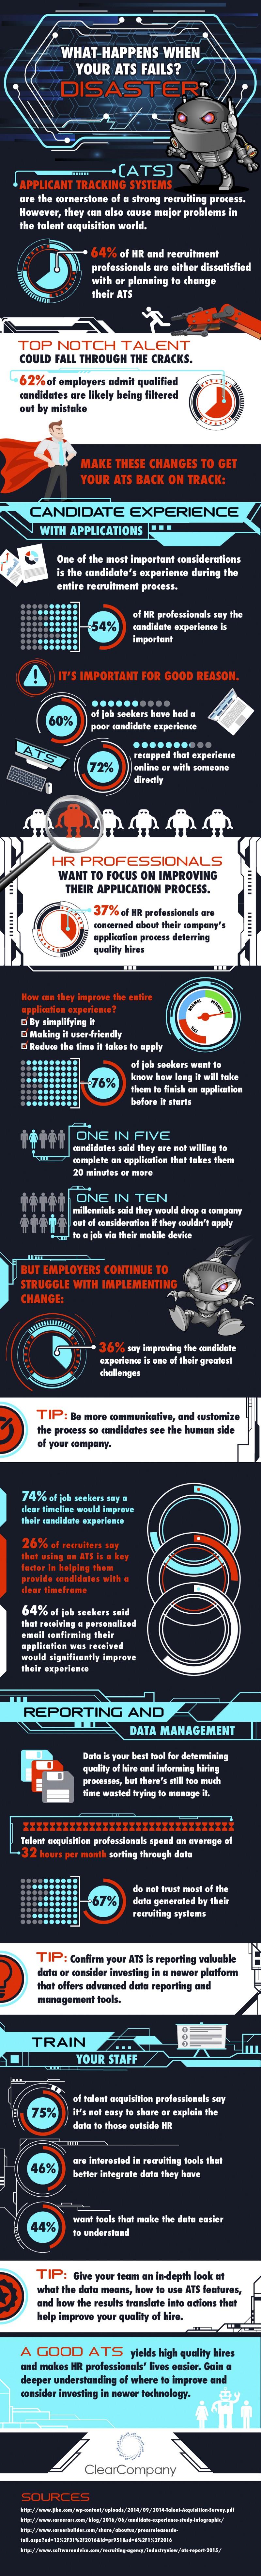 ATS_Infographic.jpeg